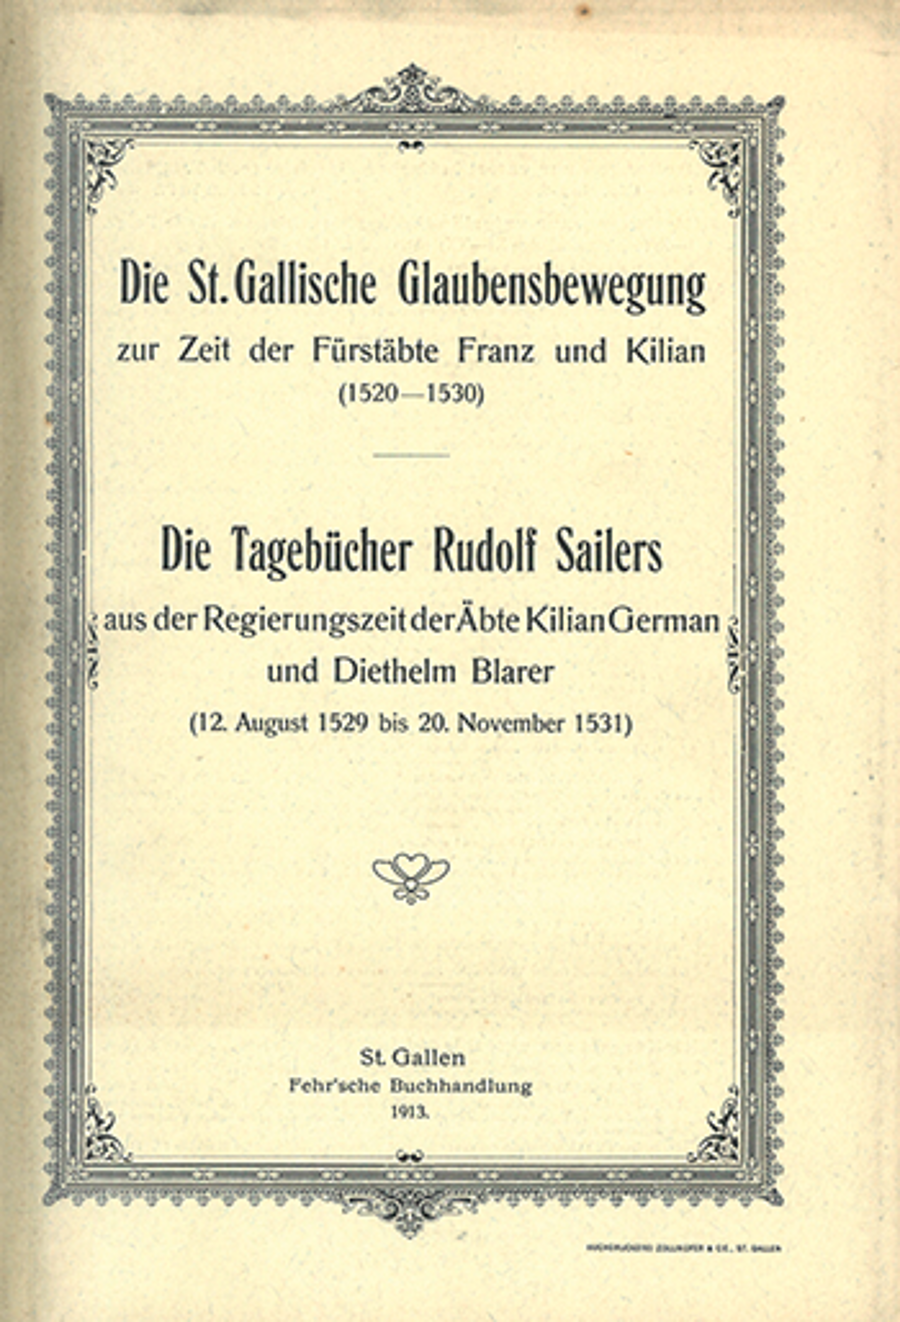 Die St. Gallische Glaubensbewegung